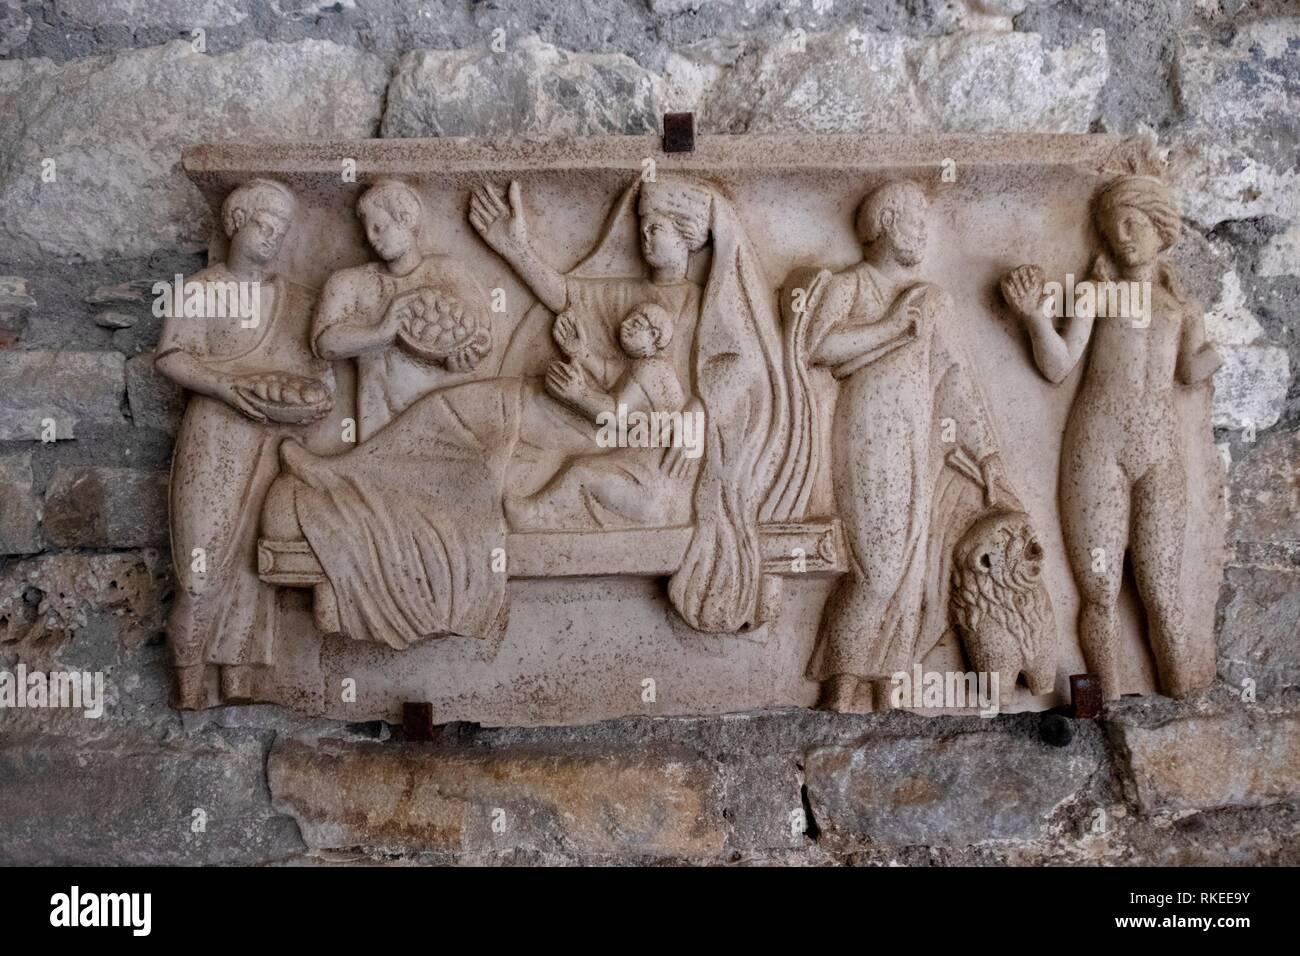 La Francia. Occitanie, Haute Garonne, Goll ,piastra romana (V secolo) presso la Basilica Saint Just dee Valcabrère. Immagini Stock